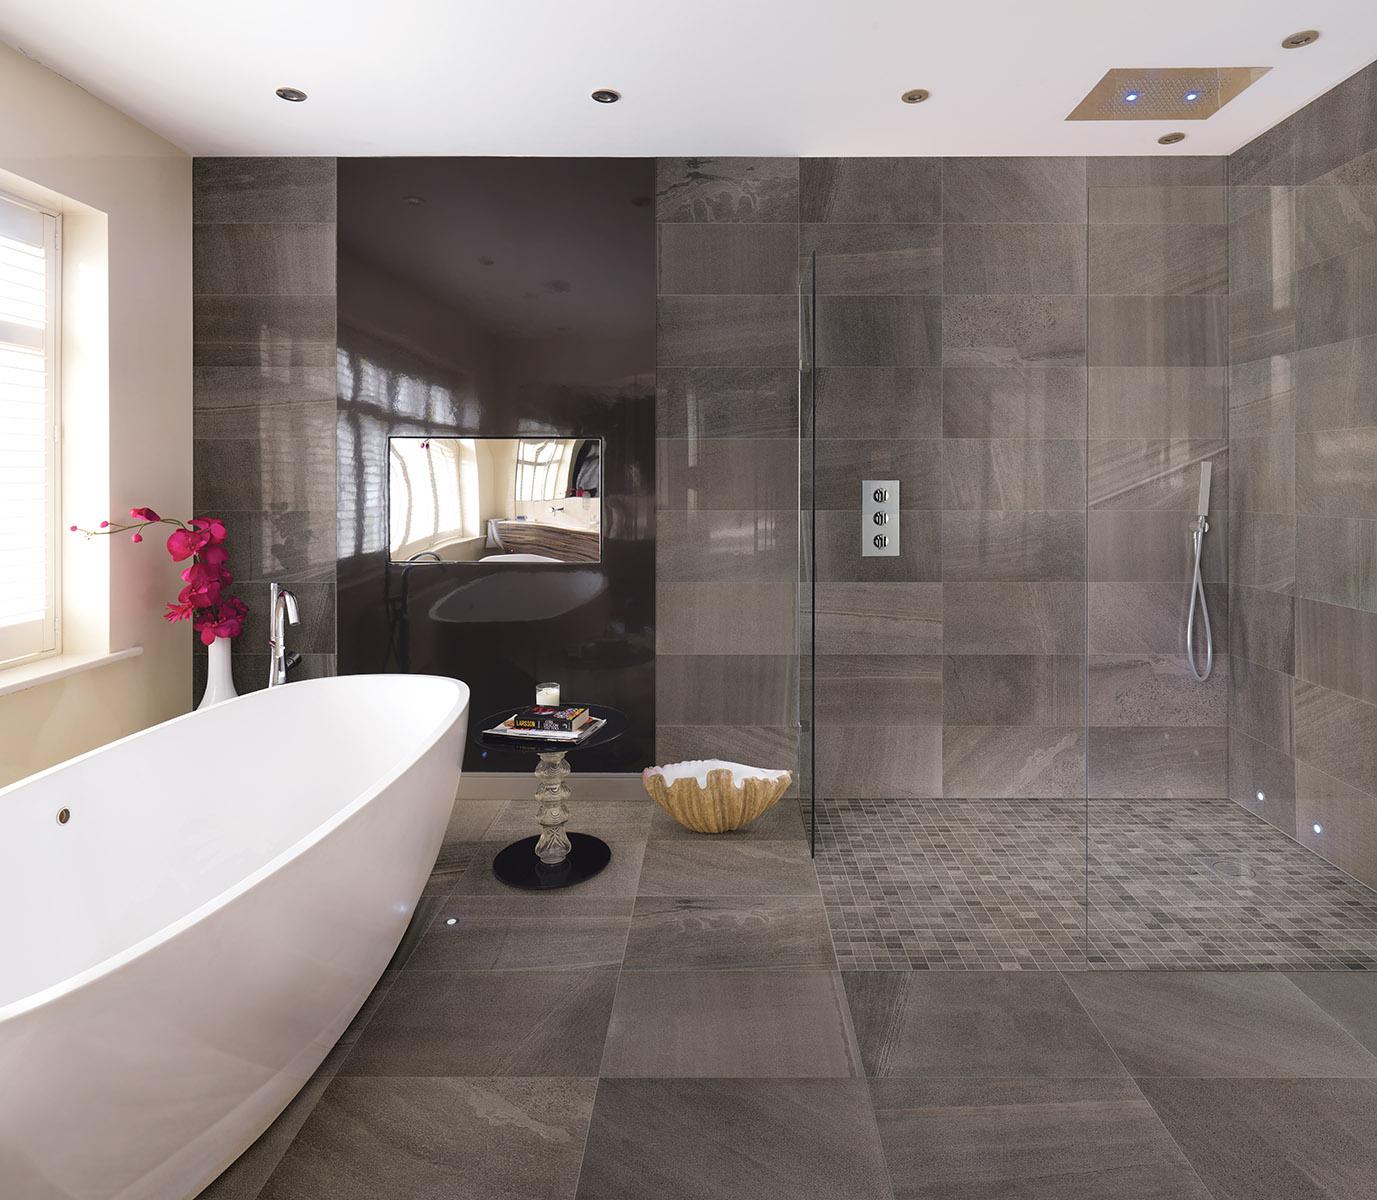 carrelage de salle de bain aspect pierre veinee grise sands composition 1 porto venere